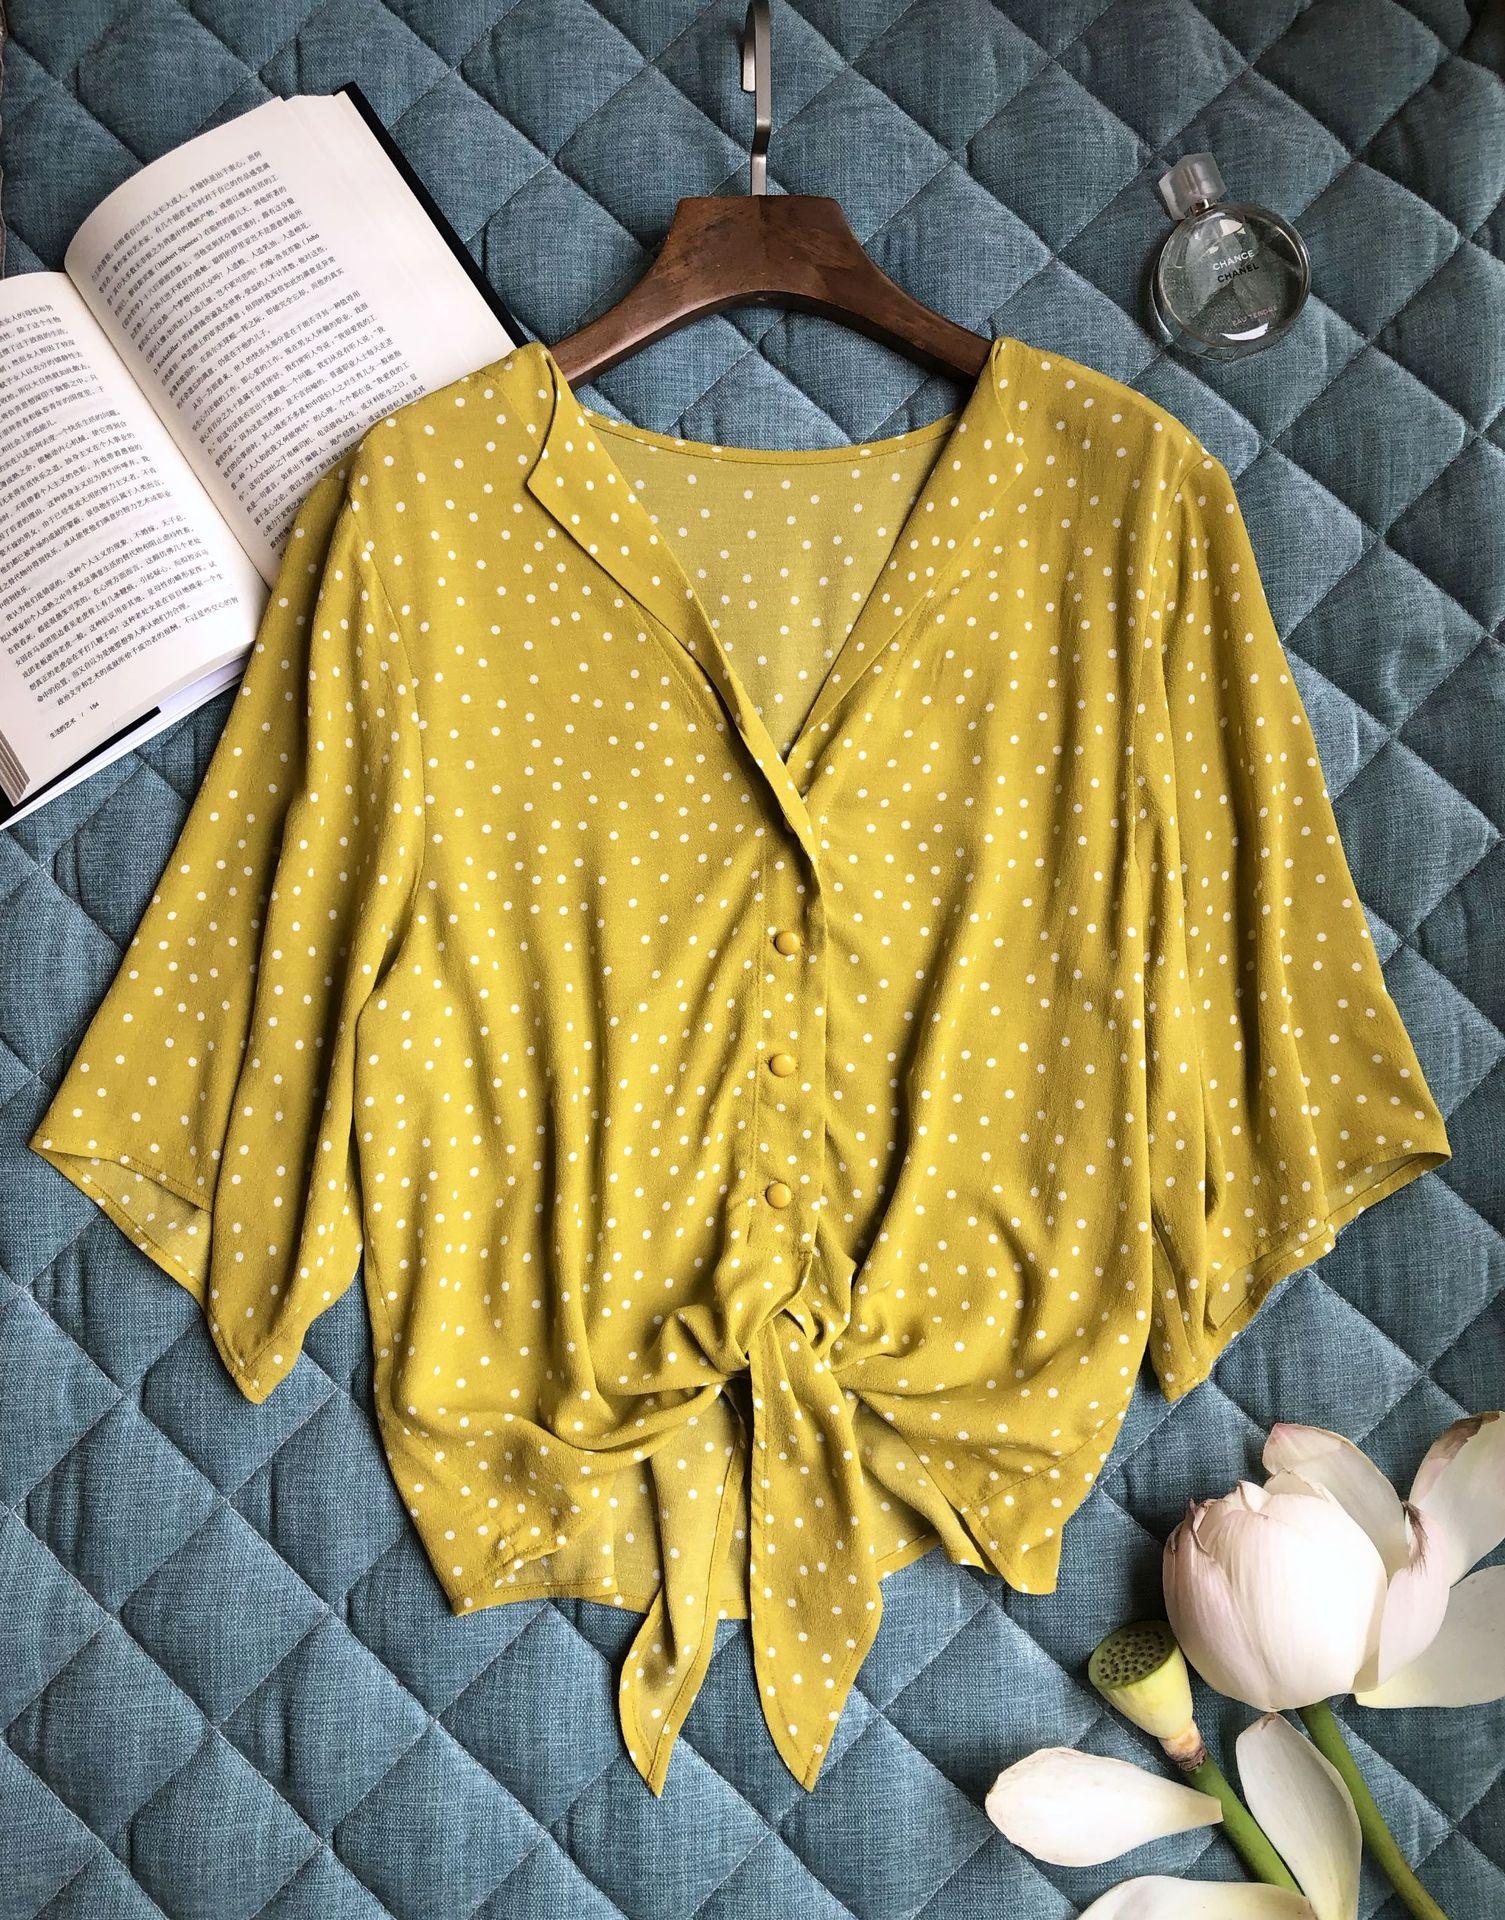 Kobiety koszula żółta kropka krawat koszula 2019 lato jesień świeże żółty baza biały Dot średni rękaw koszula w Bluzki i koszule od Odzież damska na AliExpress - 11.11_Double 11Singles' Day 1